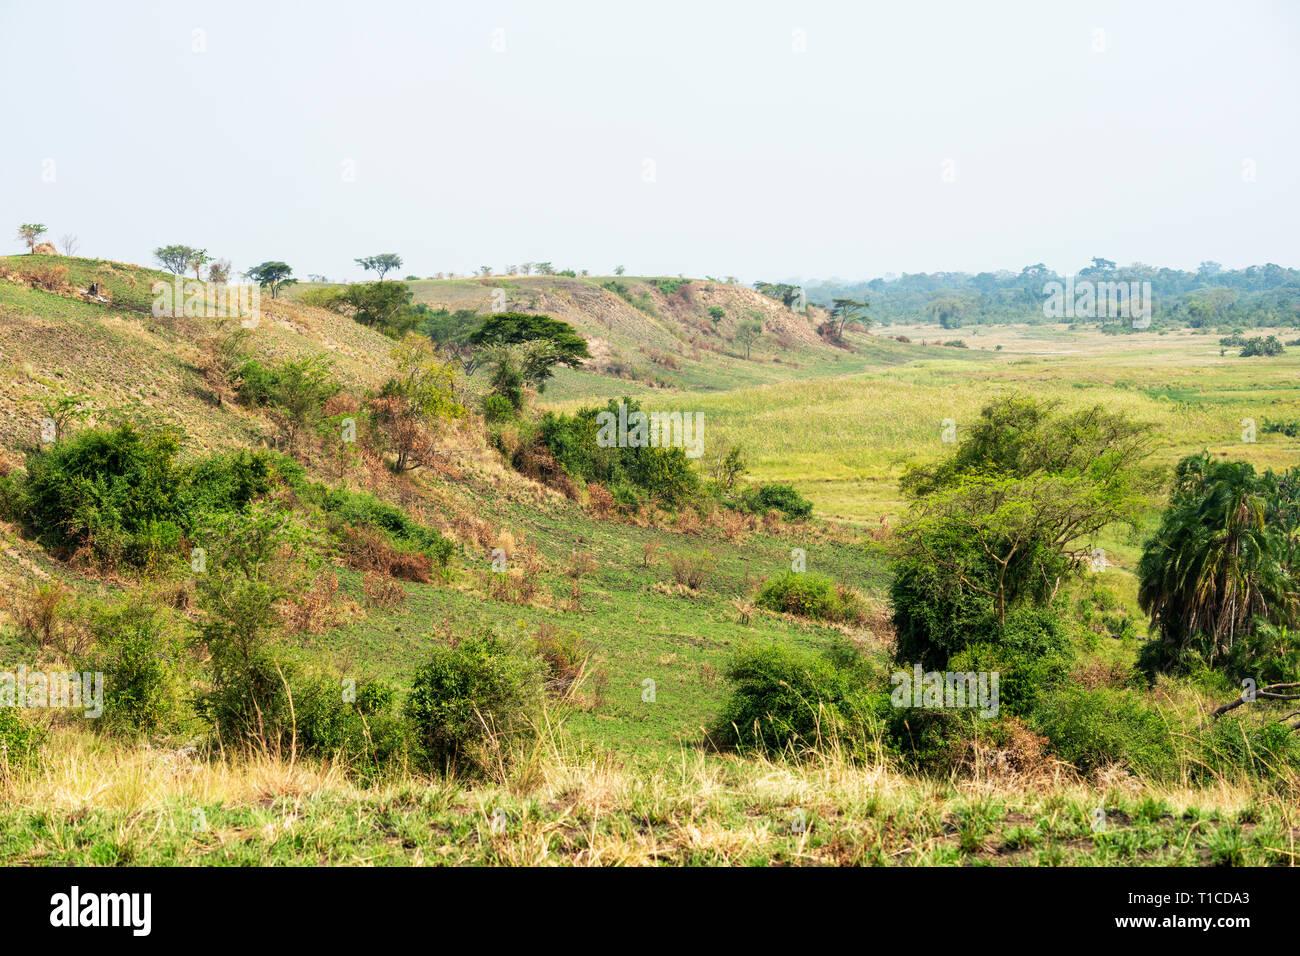 Exuberante paisaje verde de Ishasha Sector del Parque Nacional Queen Elizabeth en el sudoeste de Uganda, África Oriental Imagen De Stock